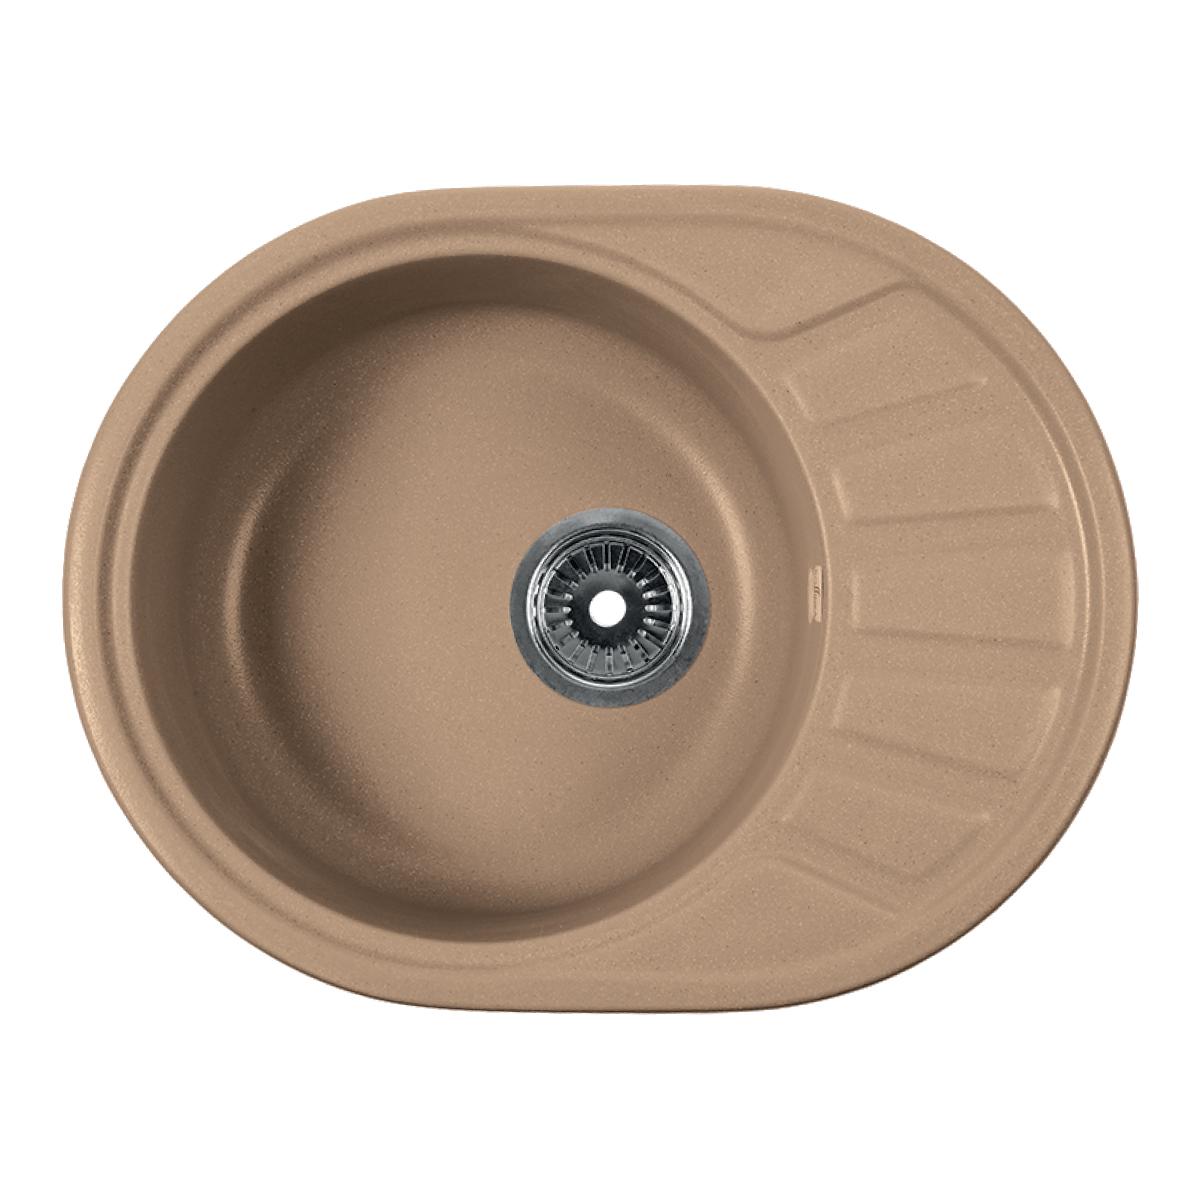 Мойка Rossinka для кухни из исскуственного камня круглая, с крылом, реверсивная, с сифоном, RS58-45RW-Sand